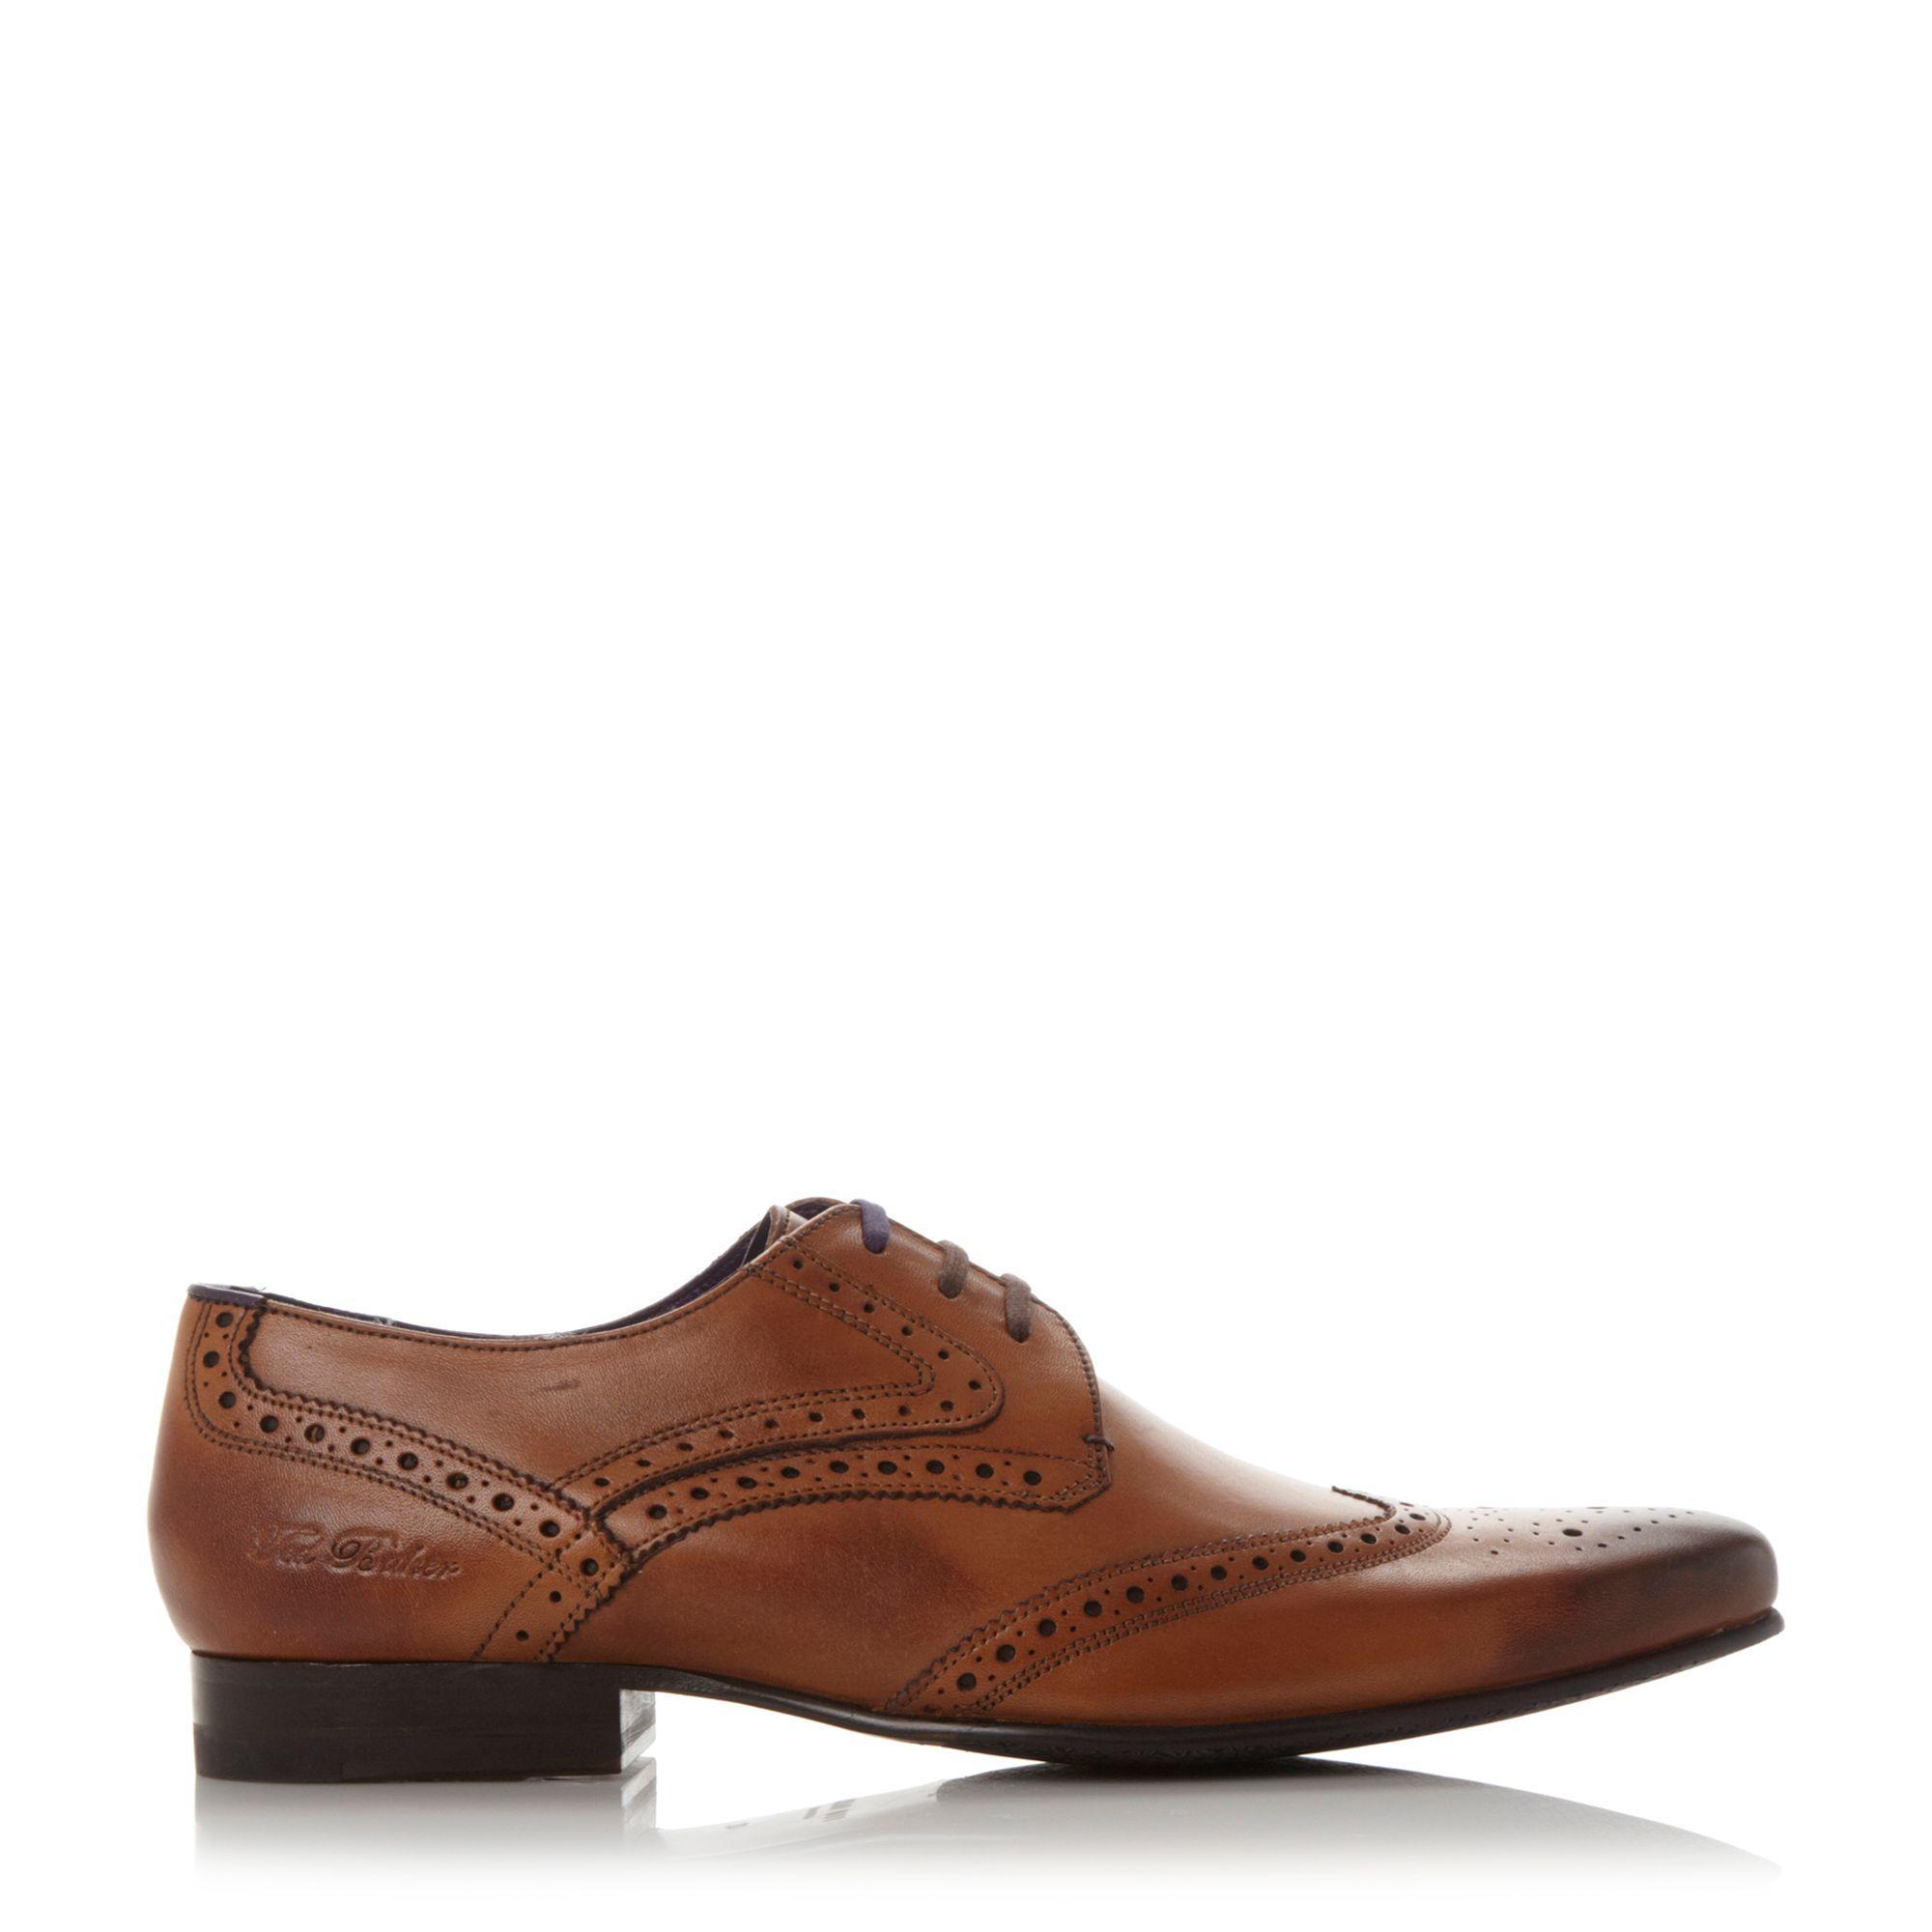 Ted Baker Mens Shoes Australia